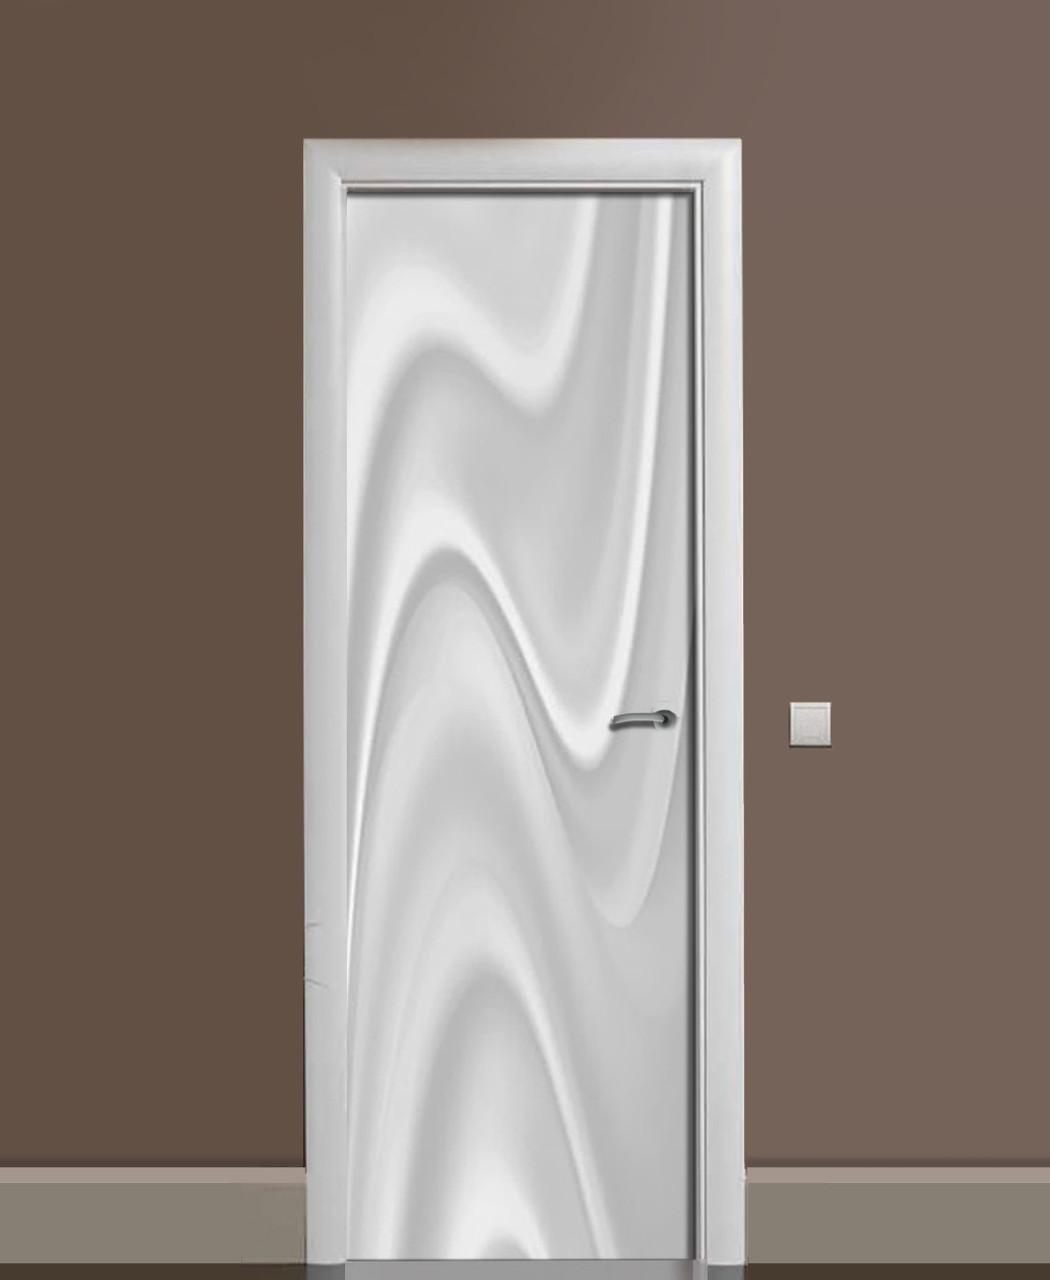 Виниловая наклейка на дверь Белые разводы Шелк ПВХ пленка с ламинацией 65*200см Текстуры Серый